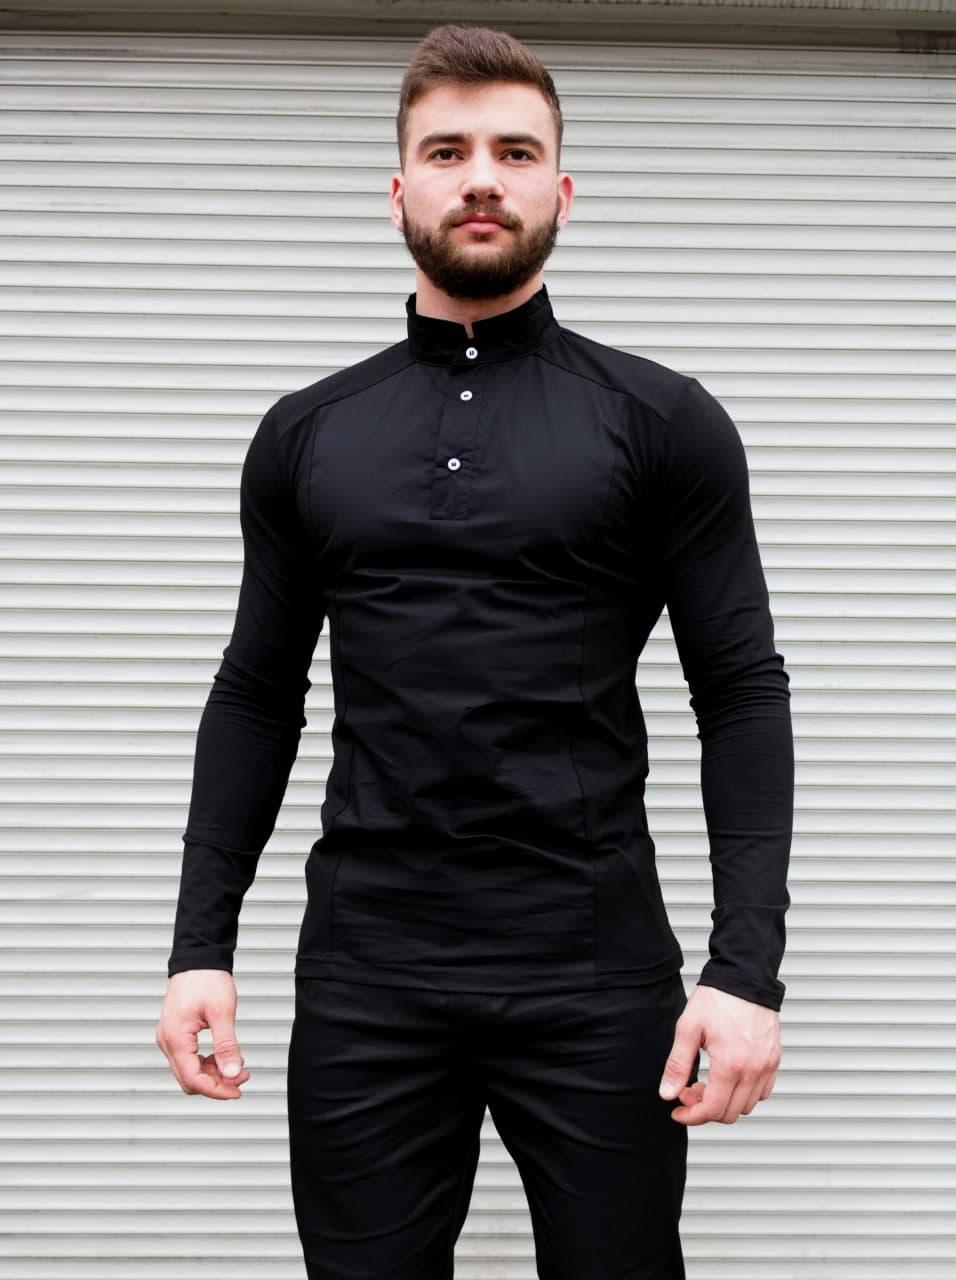 Сорочка чоловіча чорна комір стійка. Базова чоловіча сорочка чорного кольору.